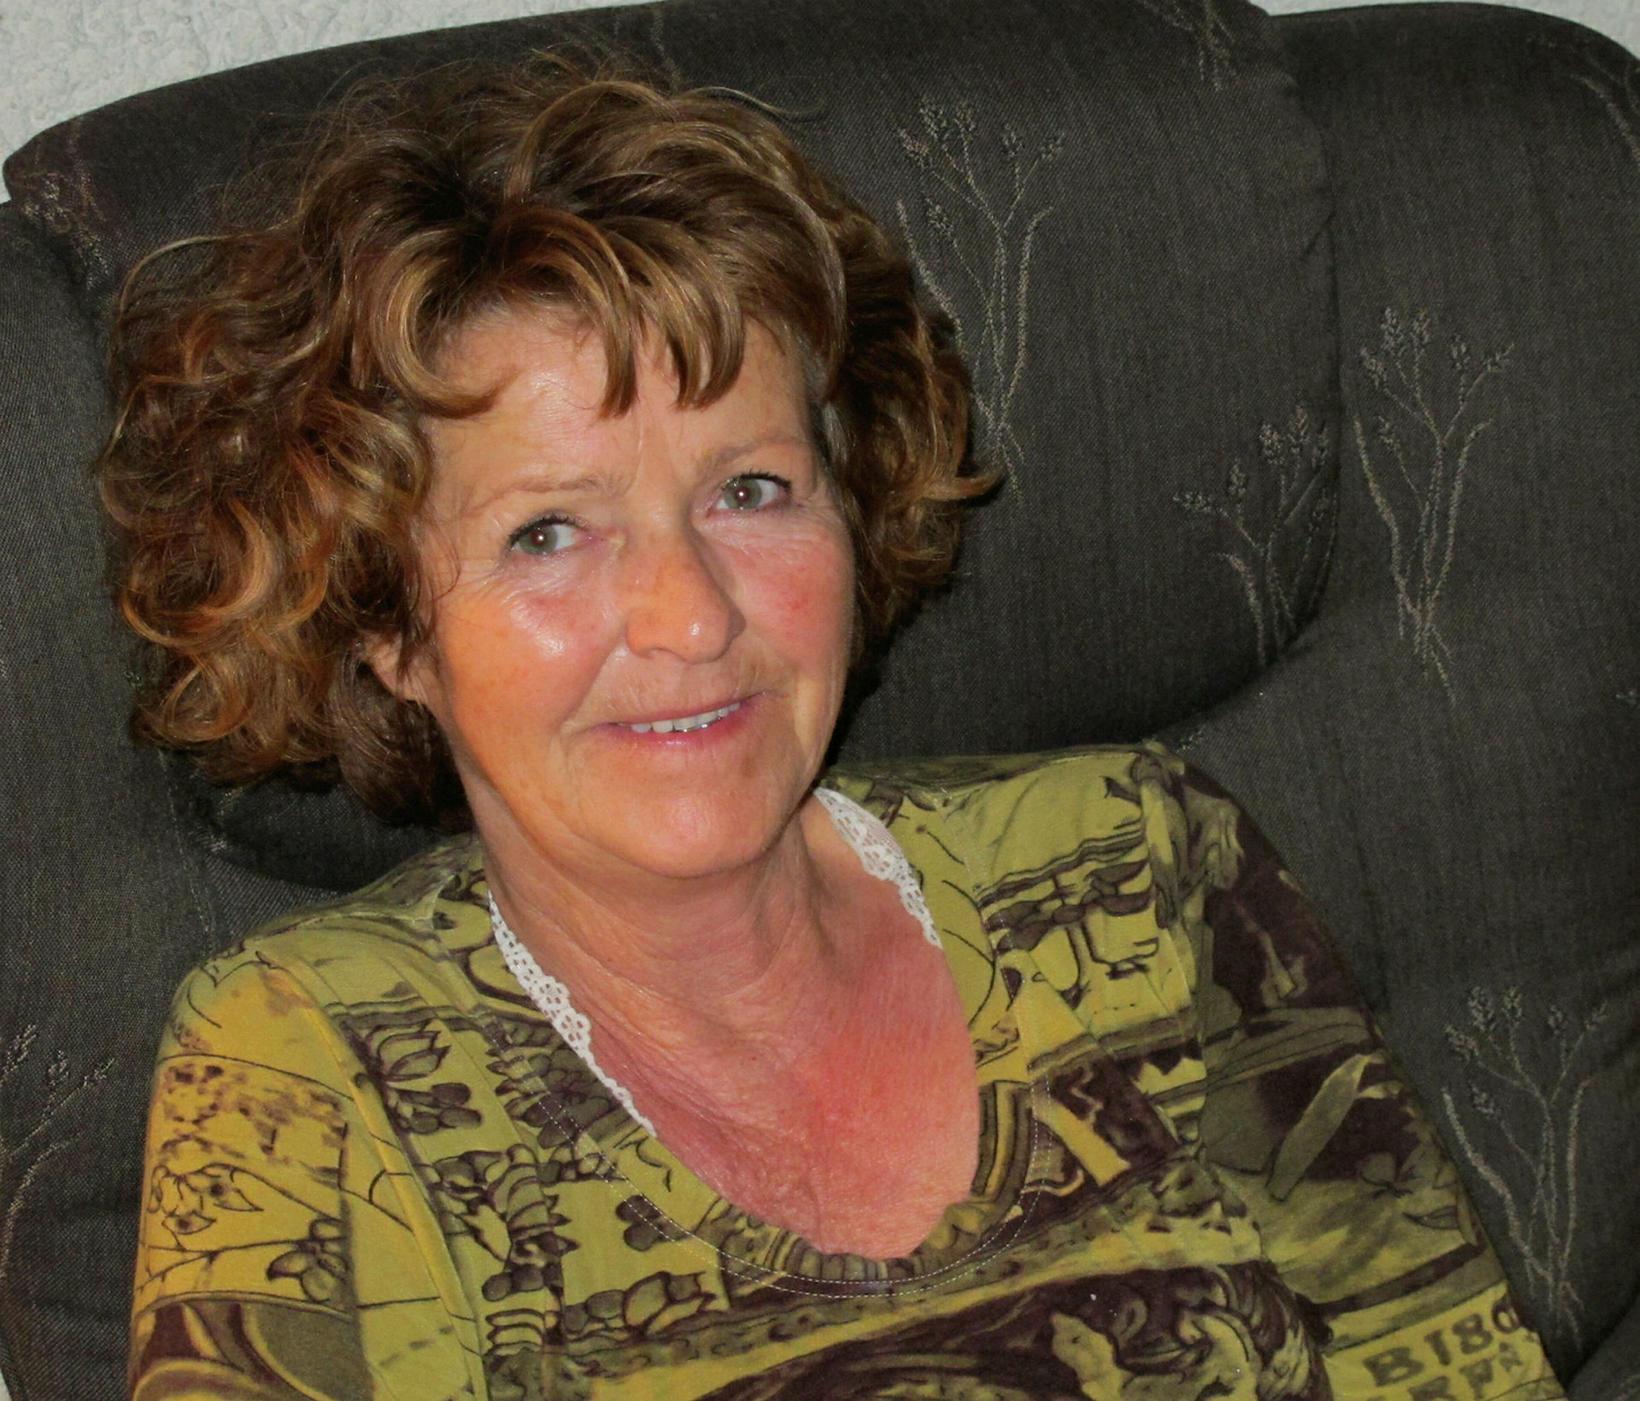 Anne-Elisabeth Hagen hvarf 31. október 2018, fyrir tveimur árum, og …